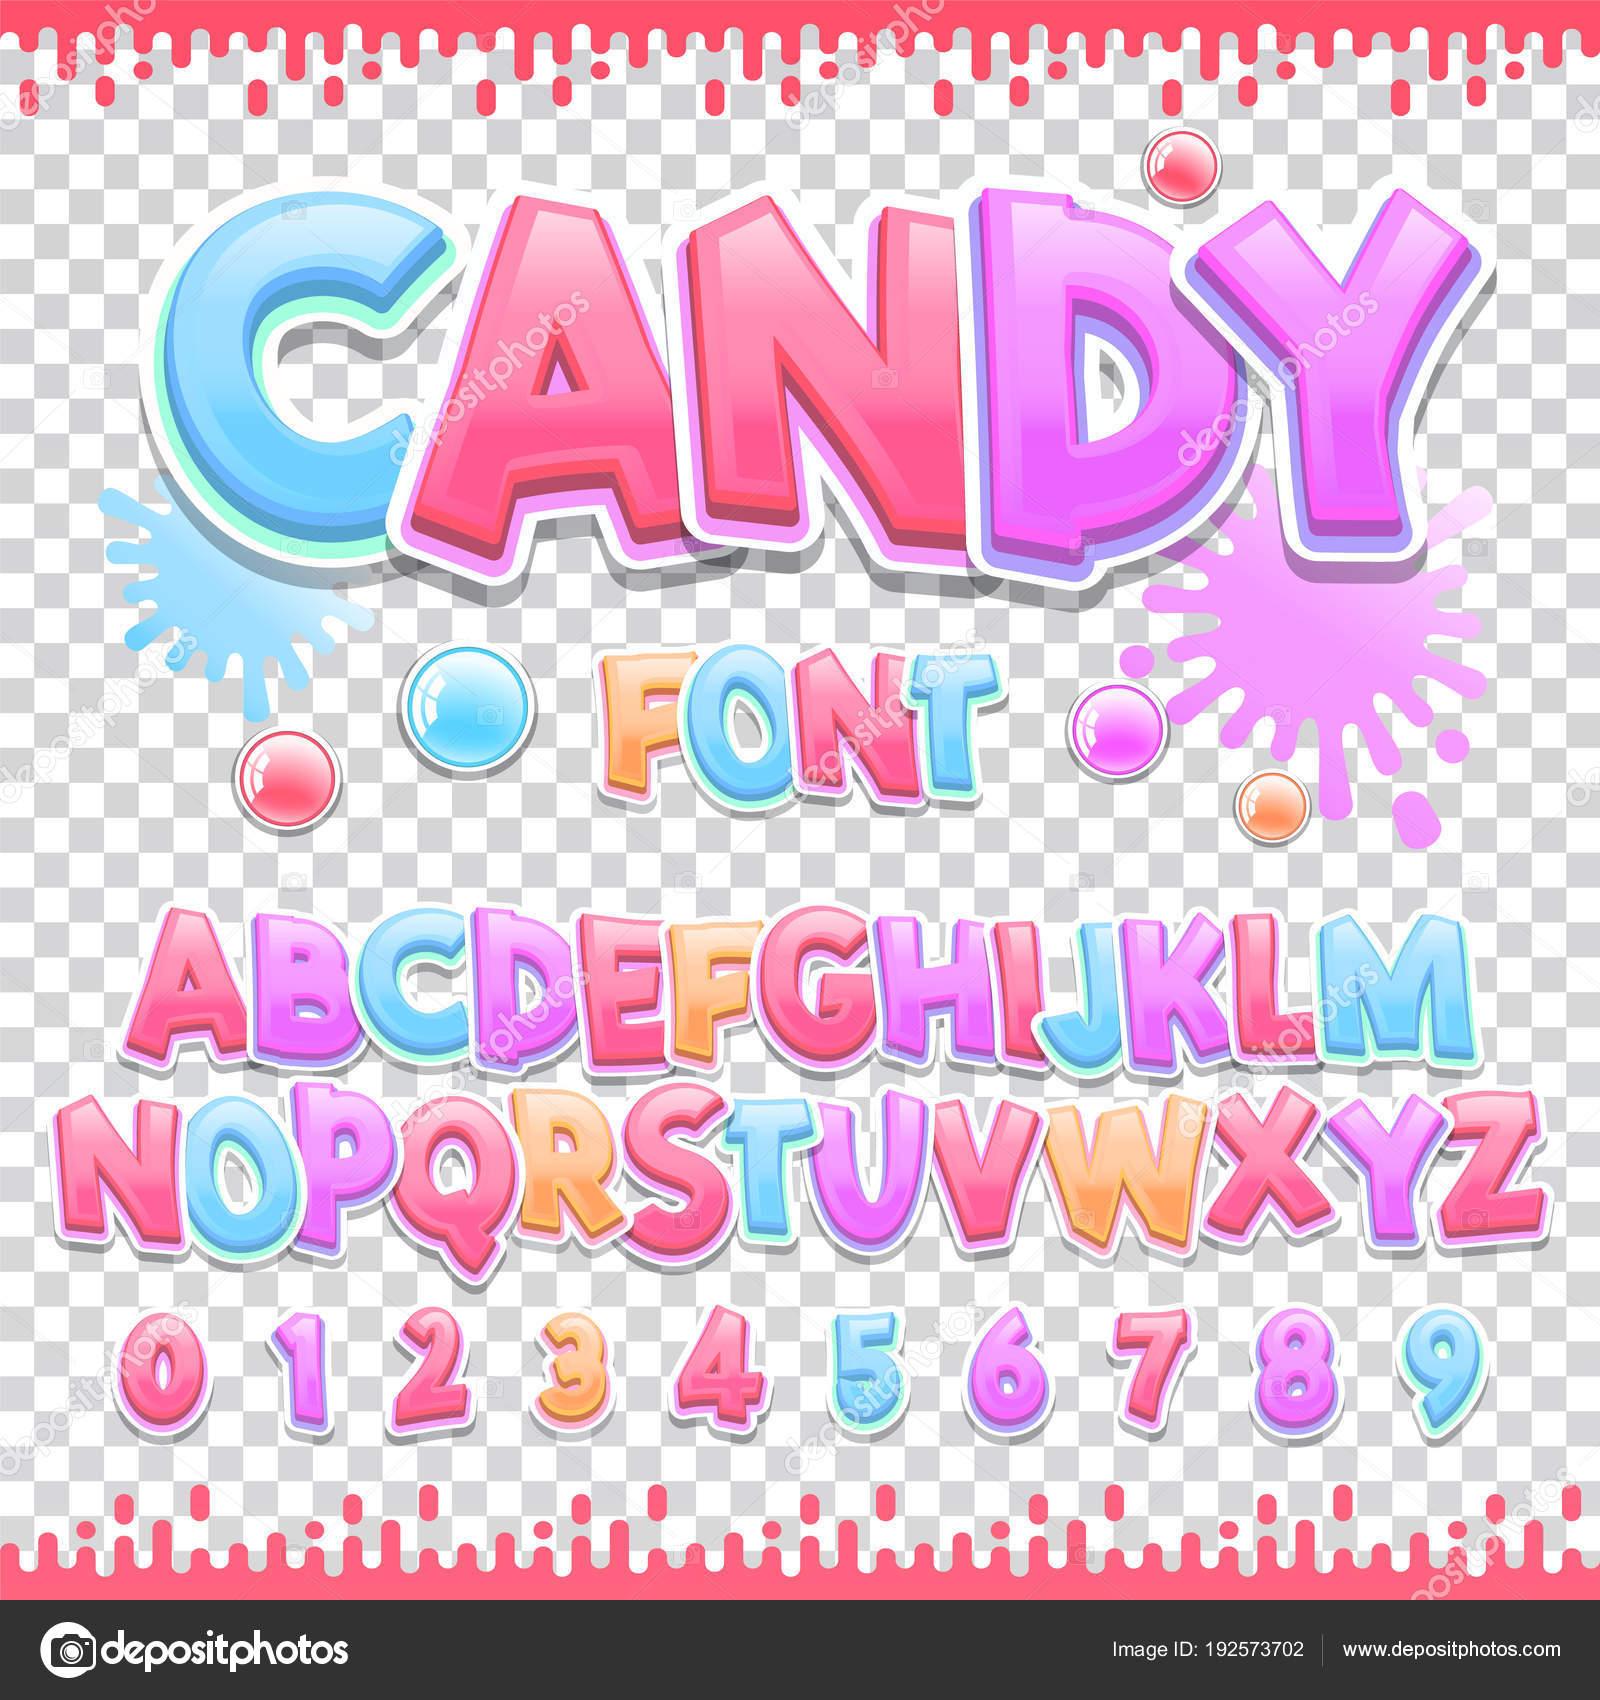 キャンディ ラテン フォント デザイン甘い Abc の文字と数字